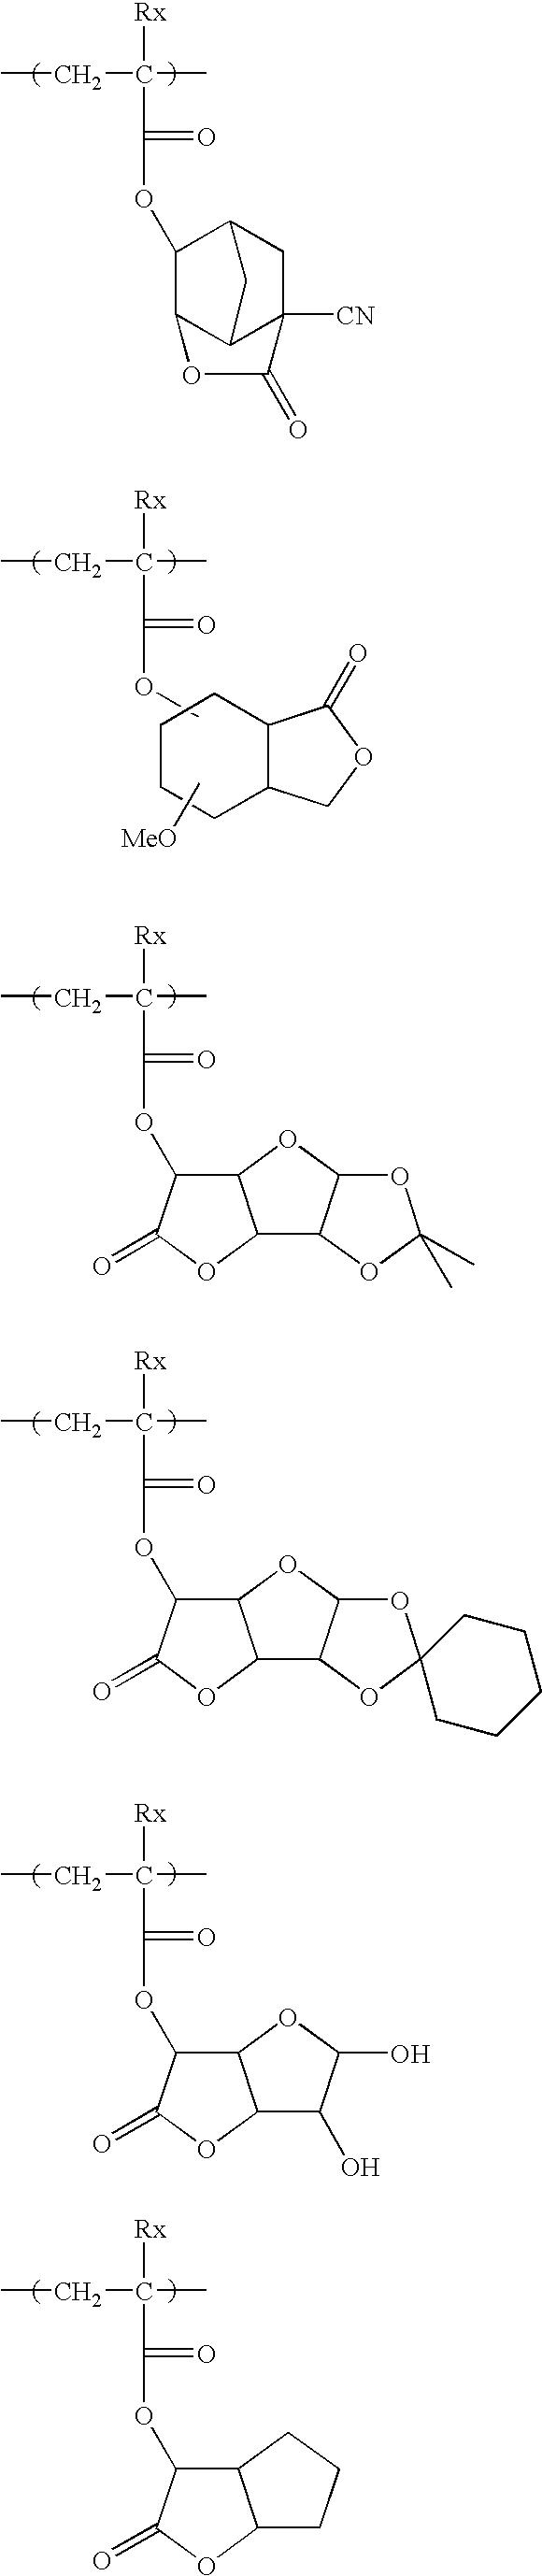 Figure US08637229-20140128-C00025